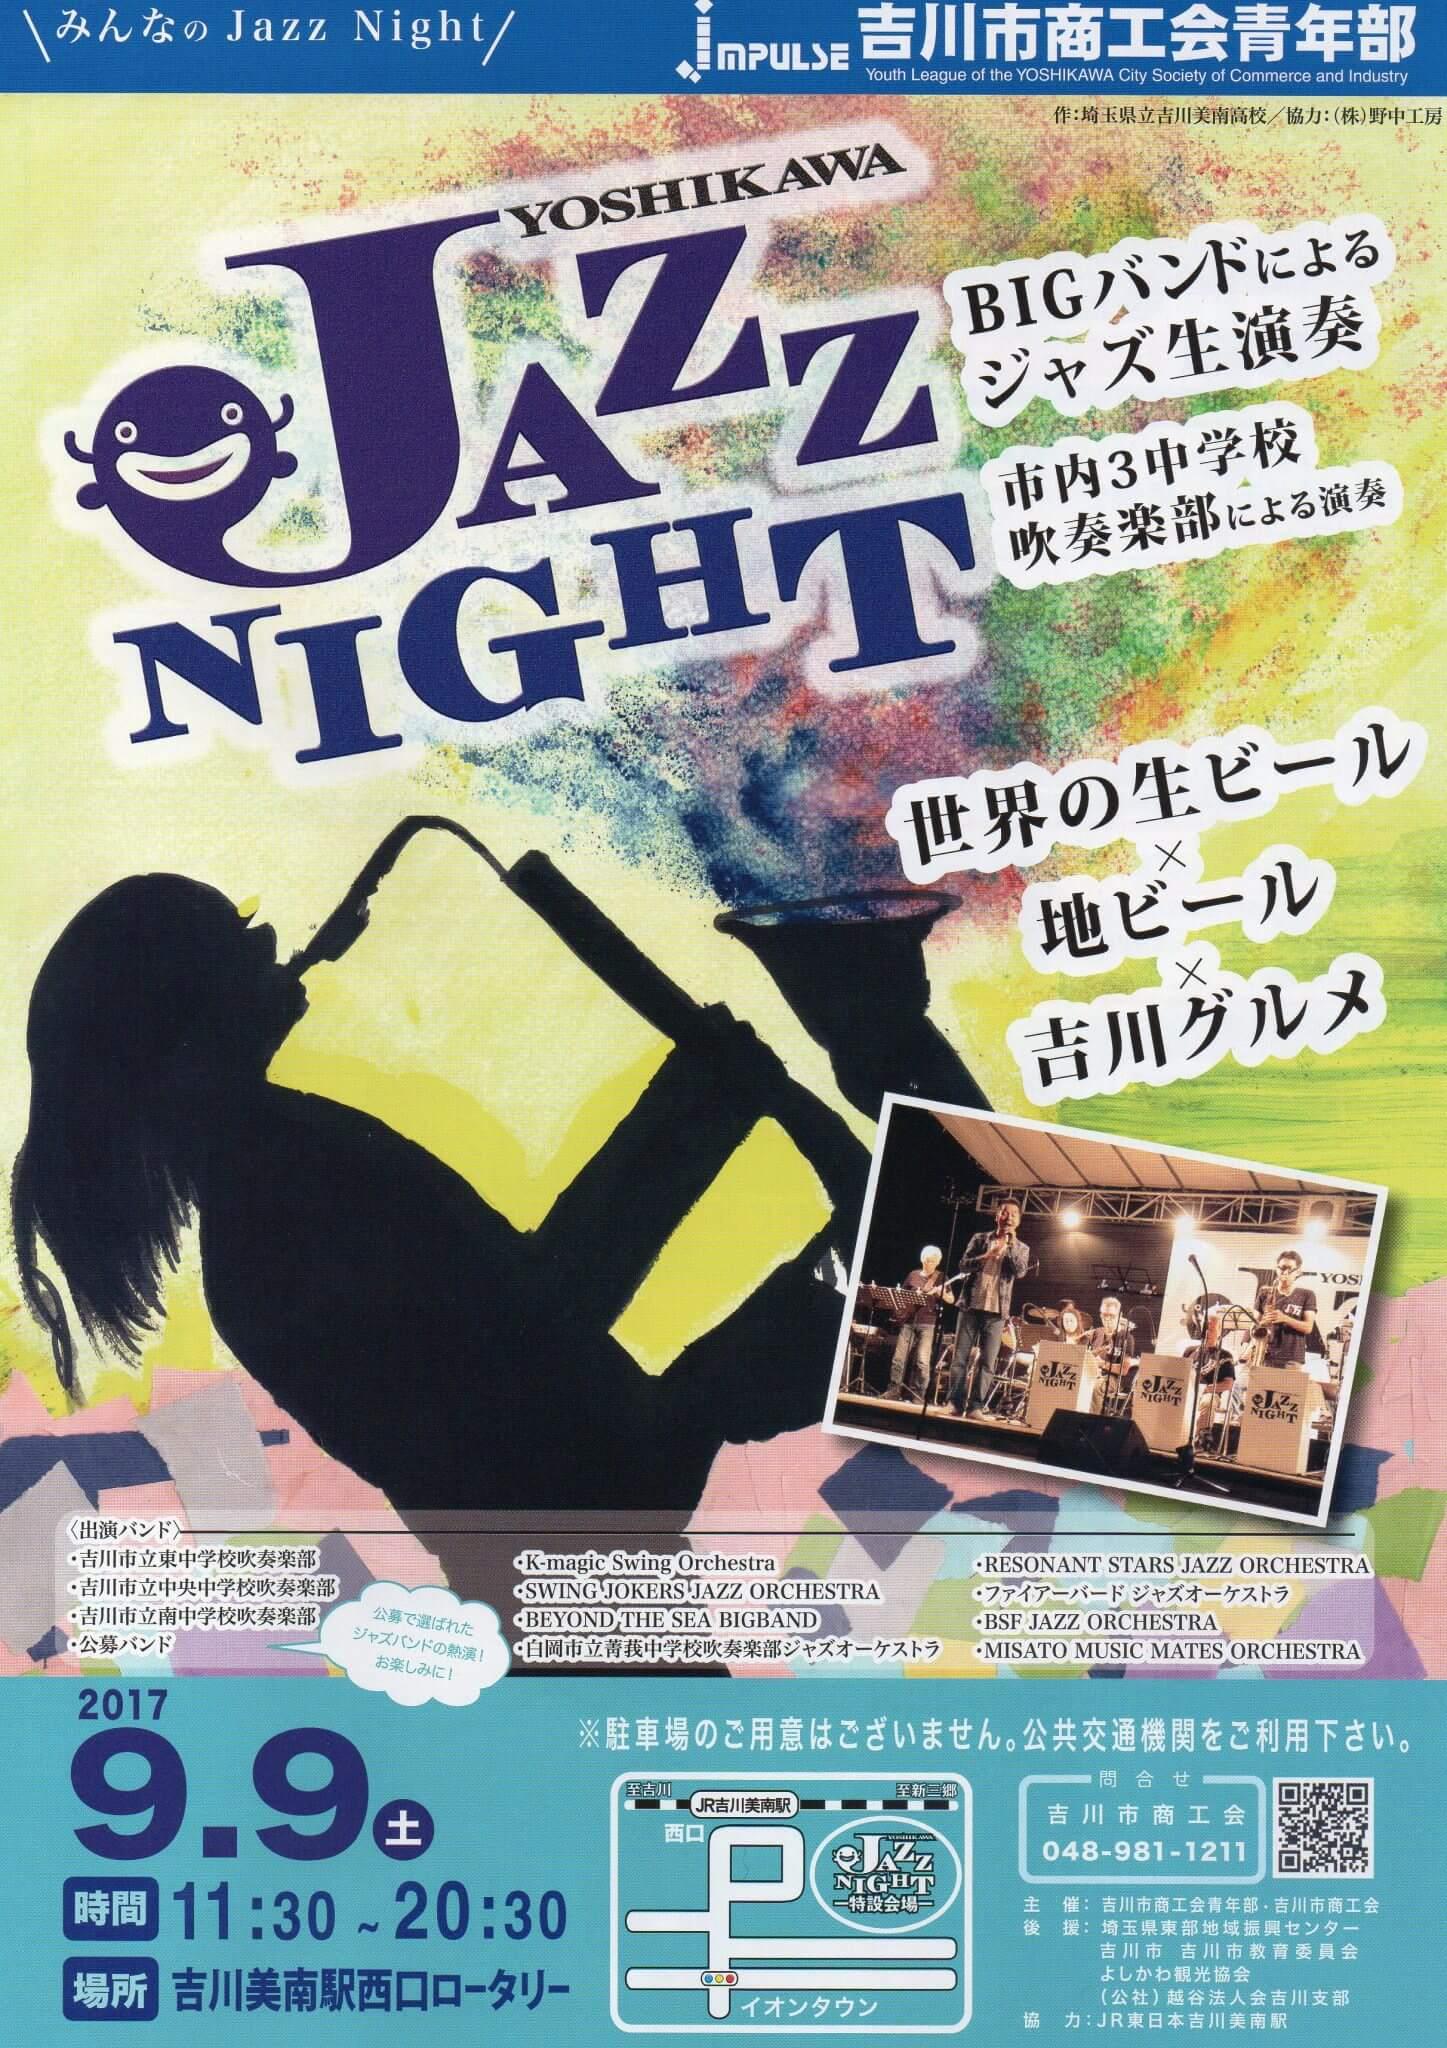 YOSHIKAWA JAZZ NIGHT(吉川ジャズナイト2017)に行ってきました!